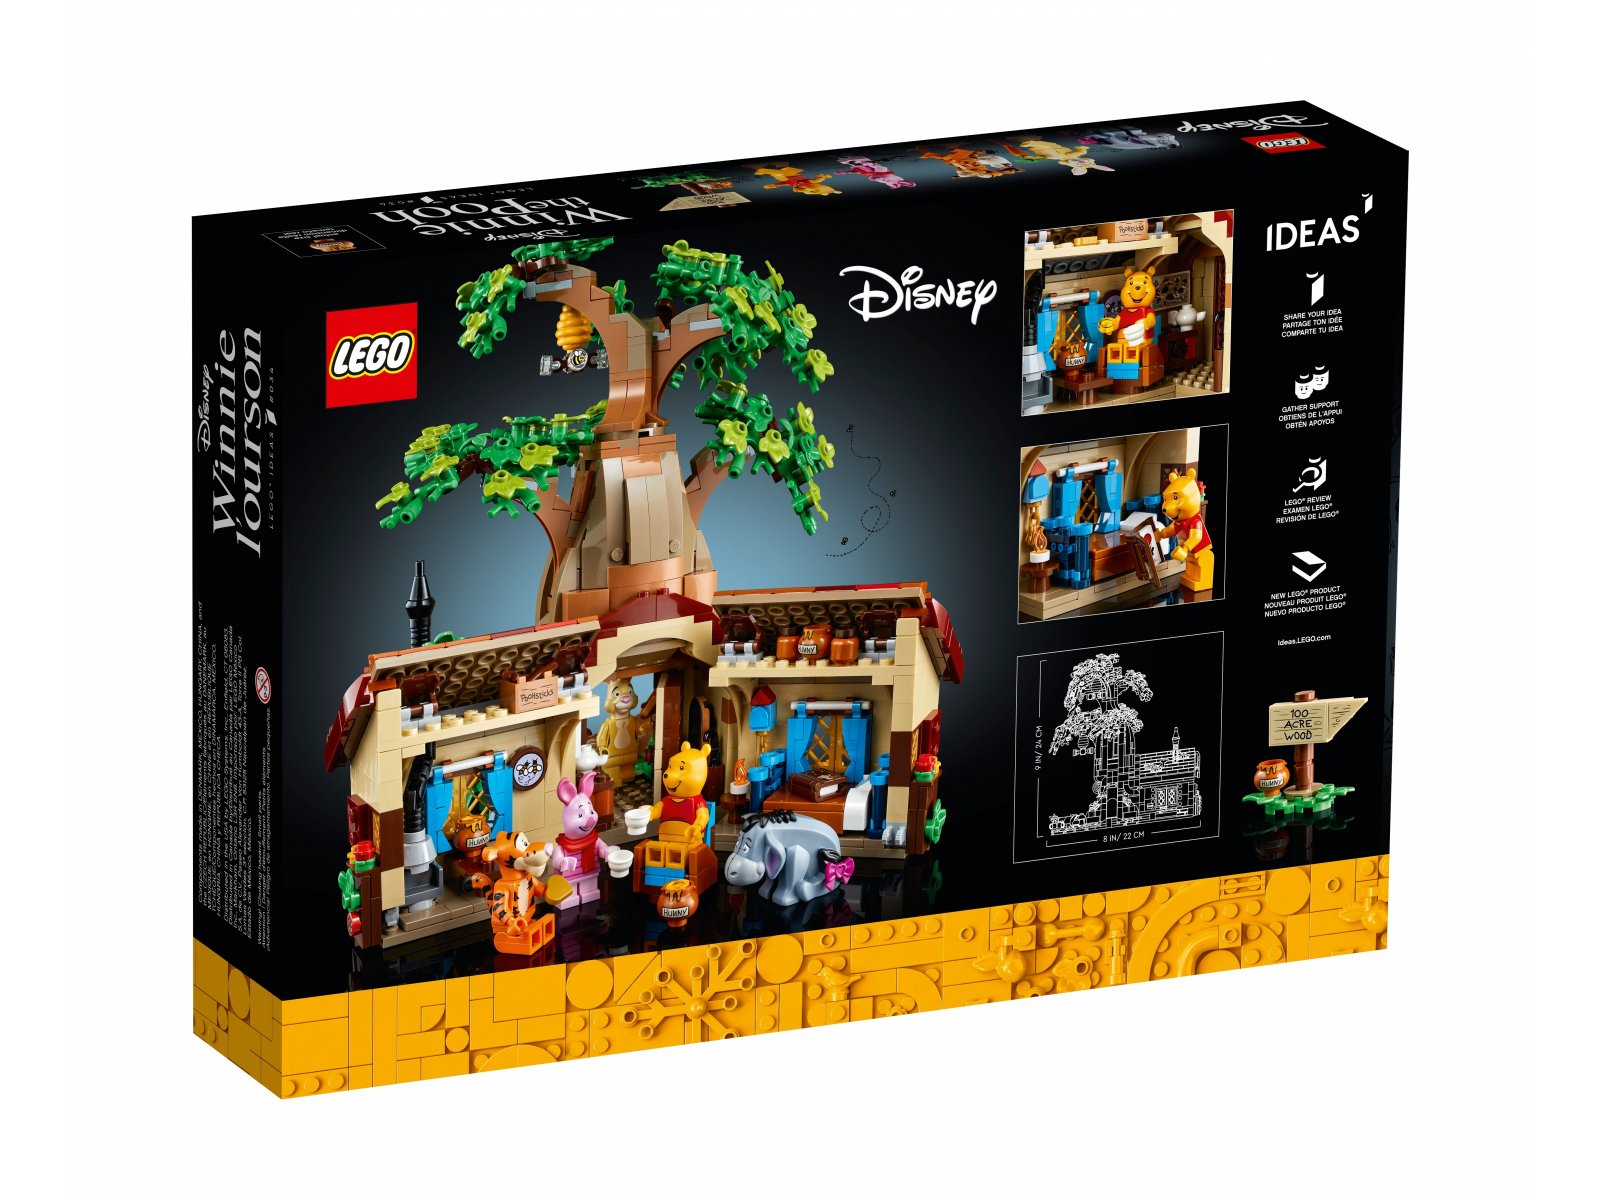 LEGO 21326 Ideas Kubuś Puchatek